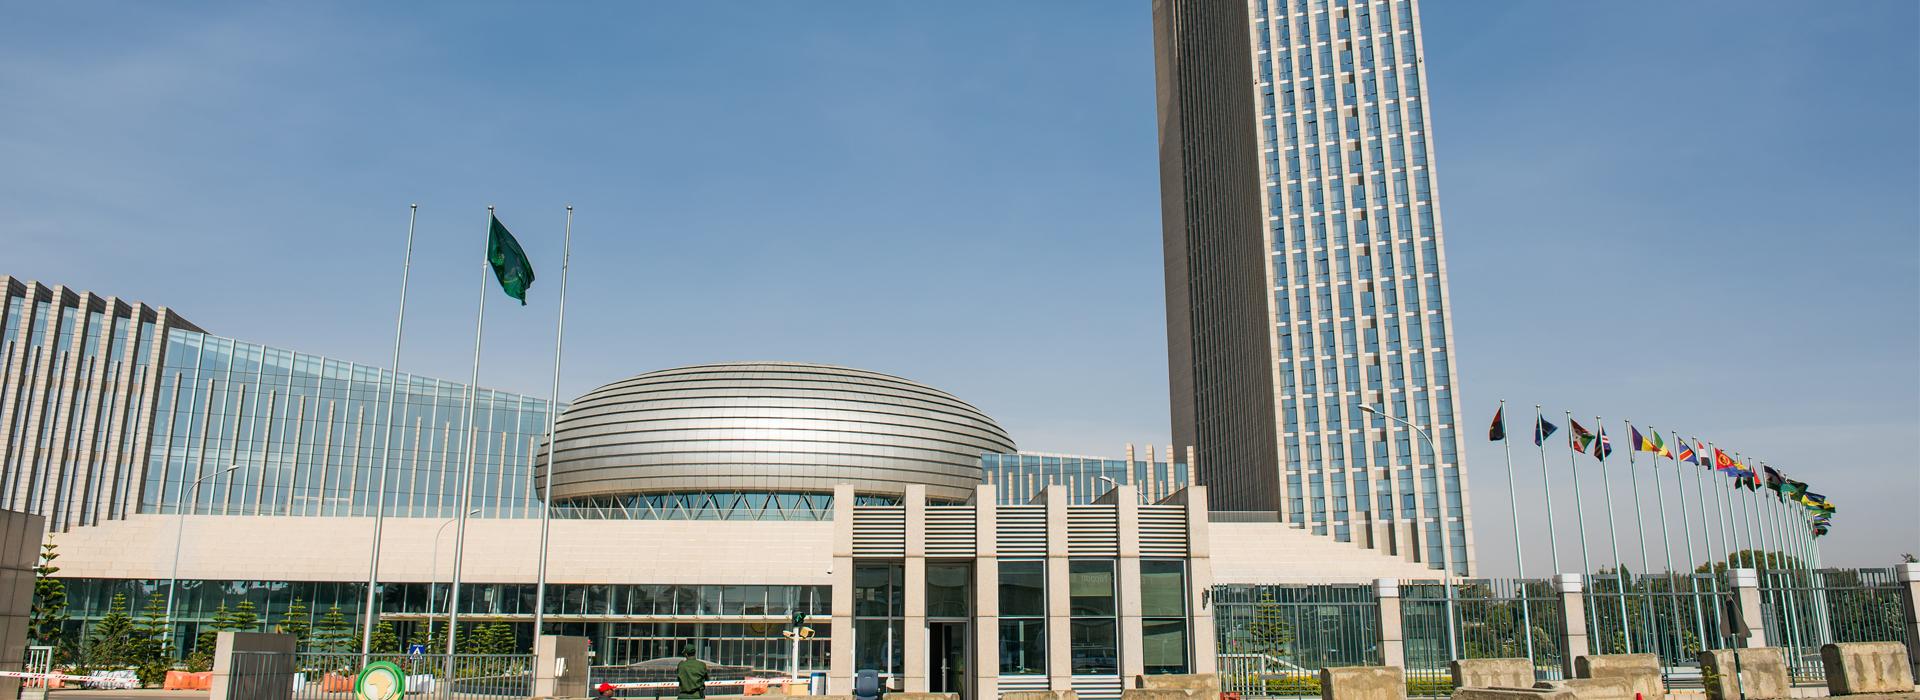 贈非洲聯盟總部大樓 中國竊取情報長達5年